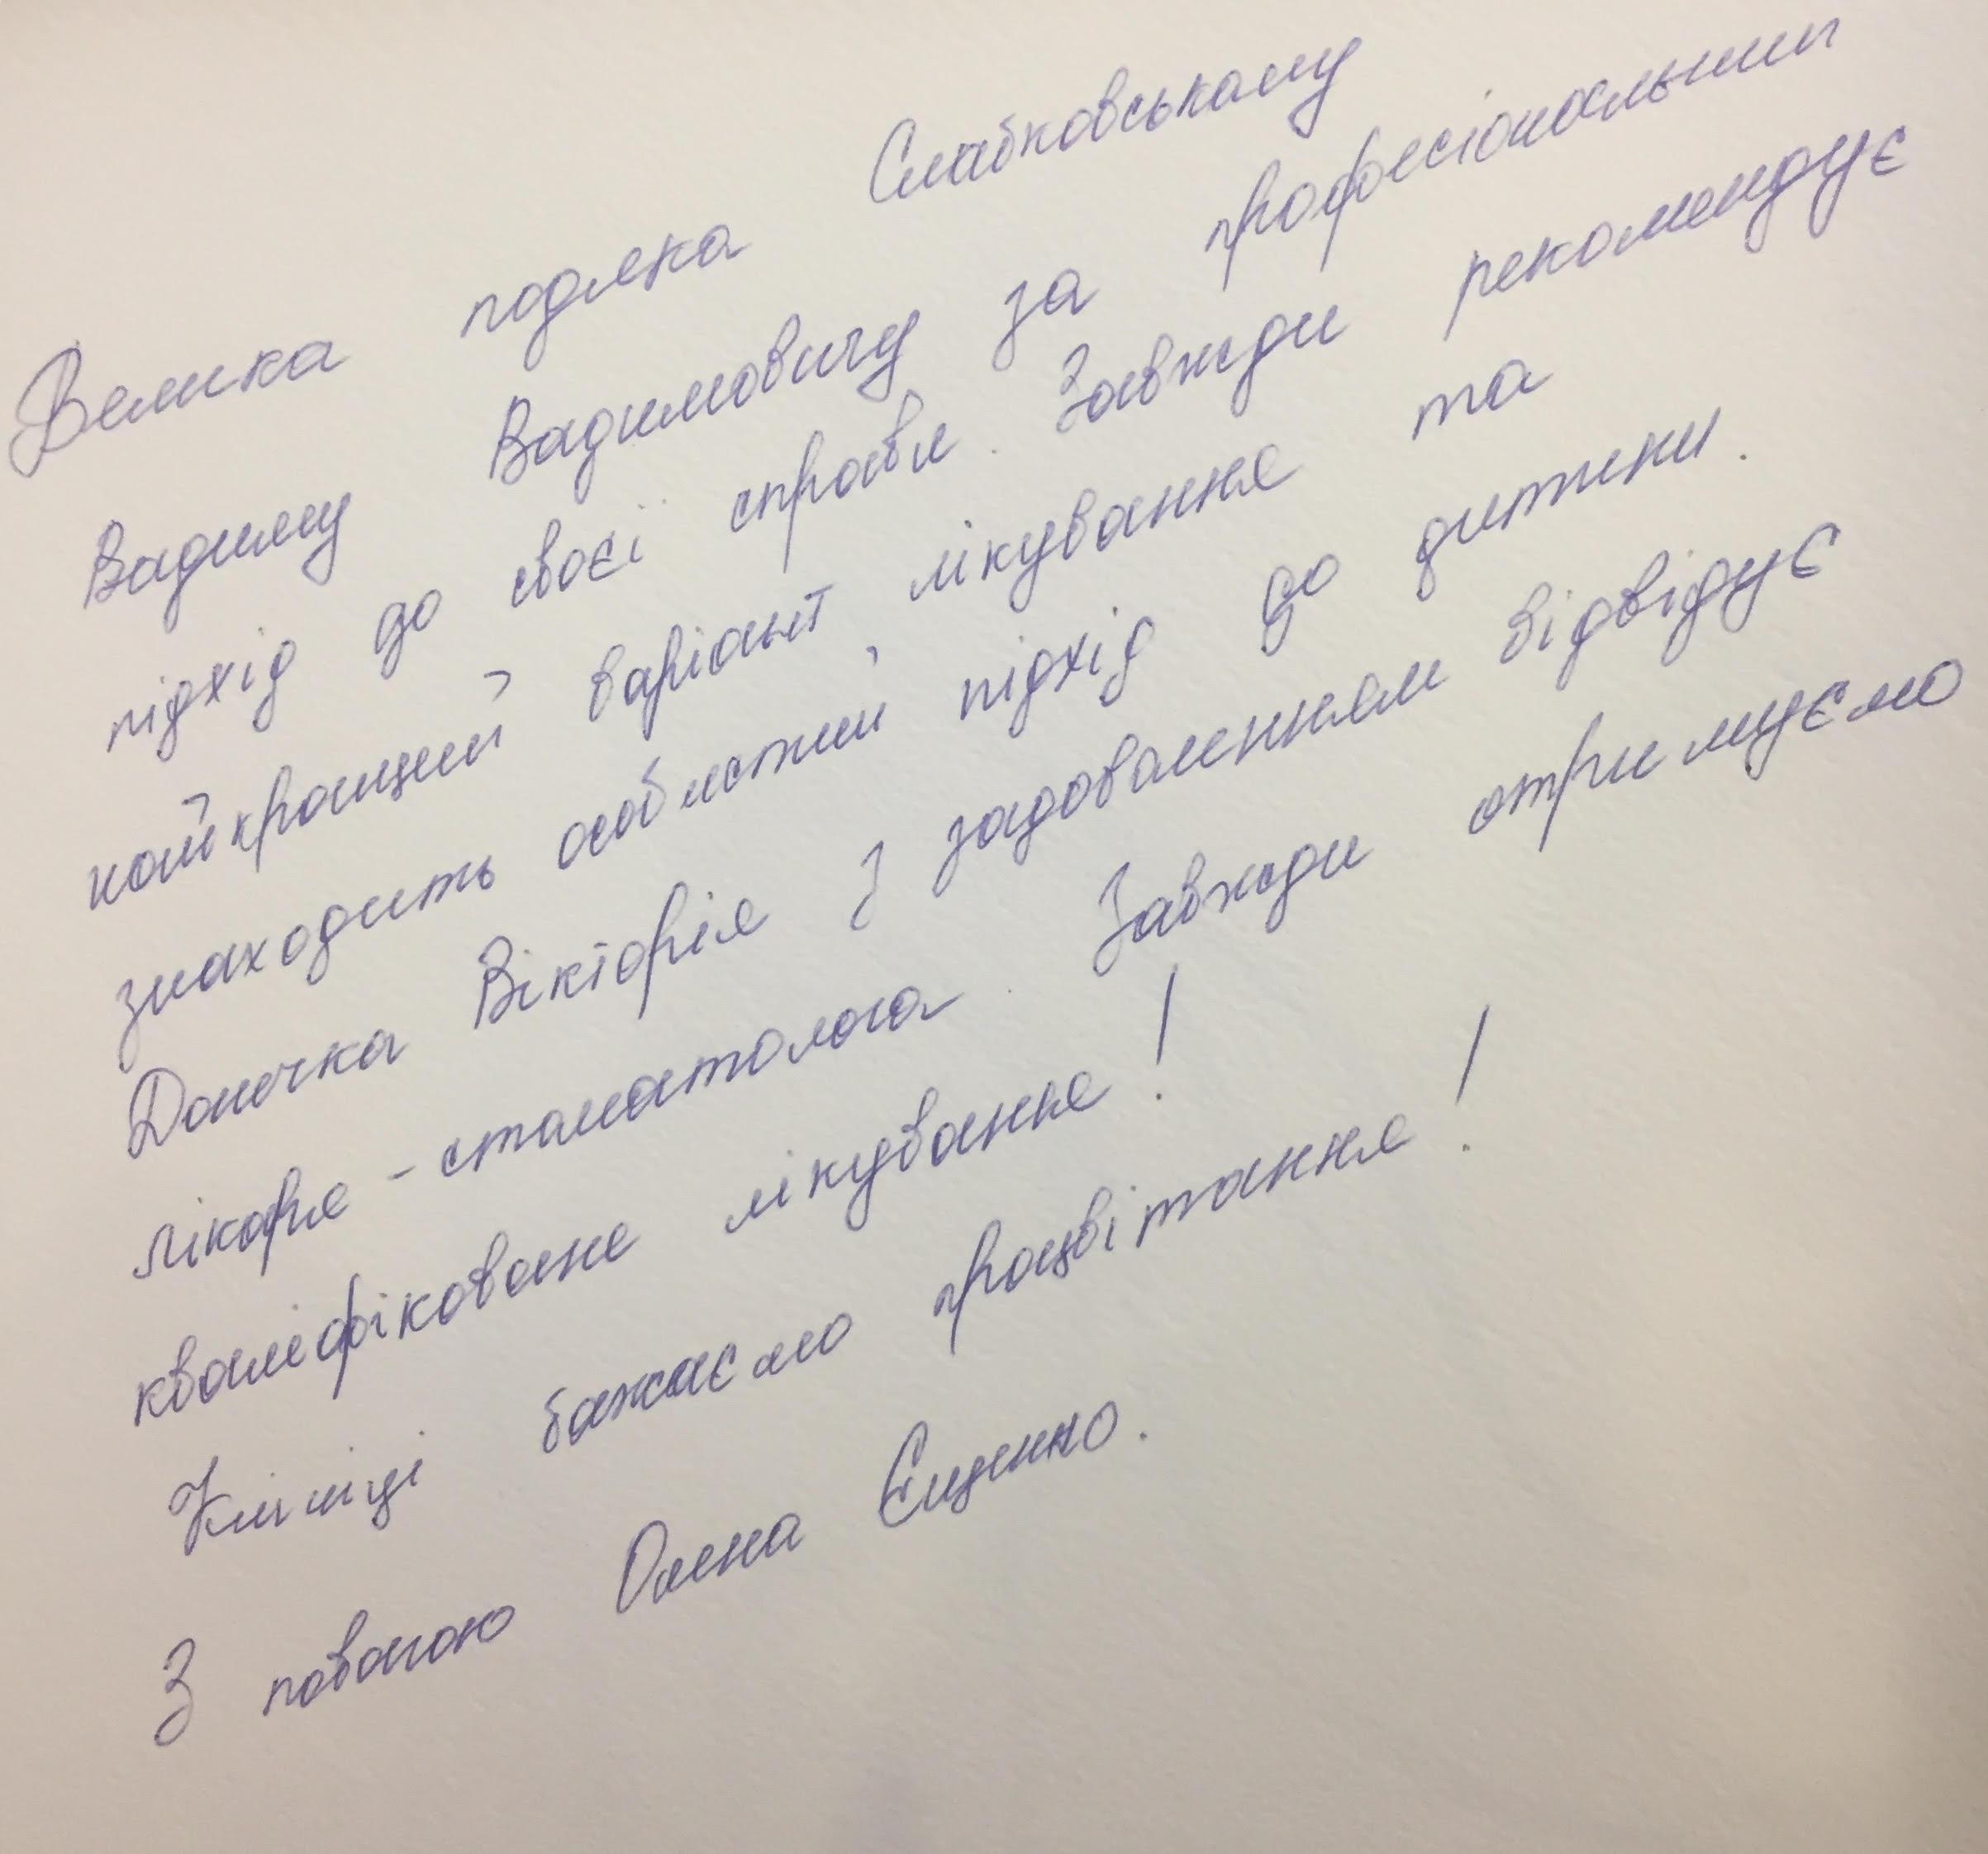 otzyv-slabkovskiy